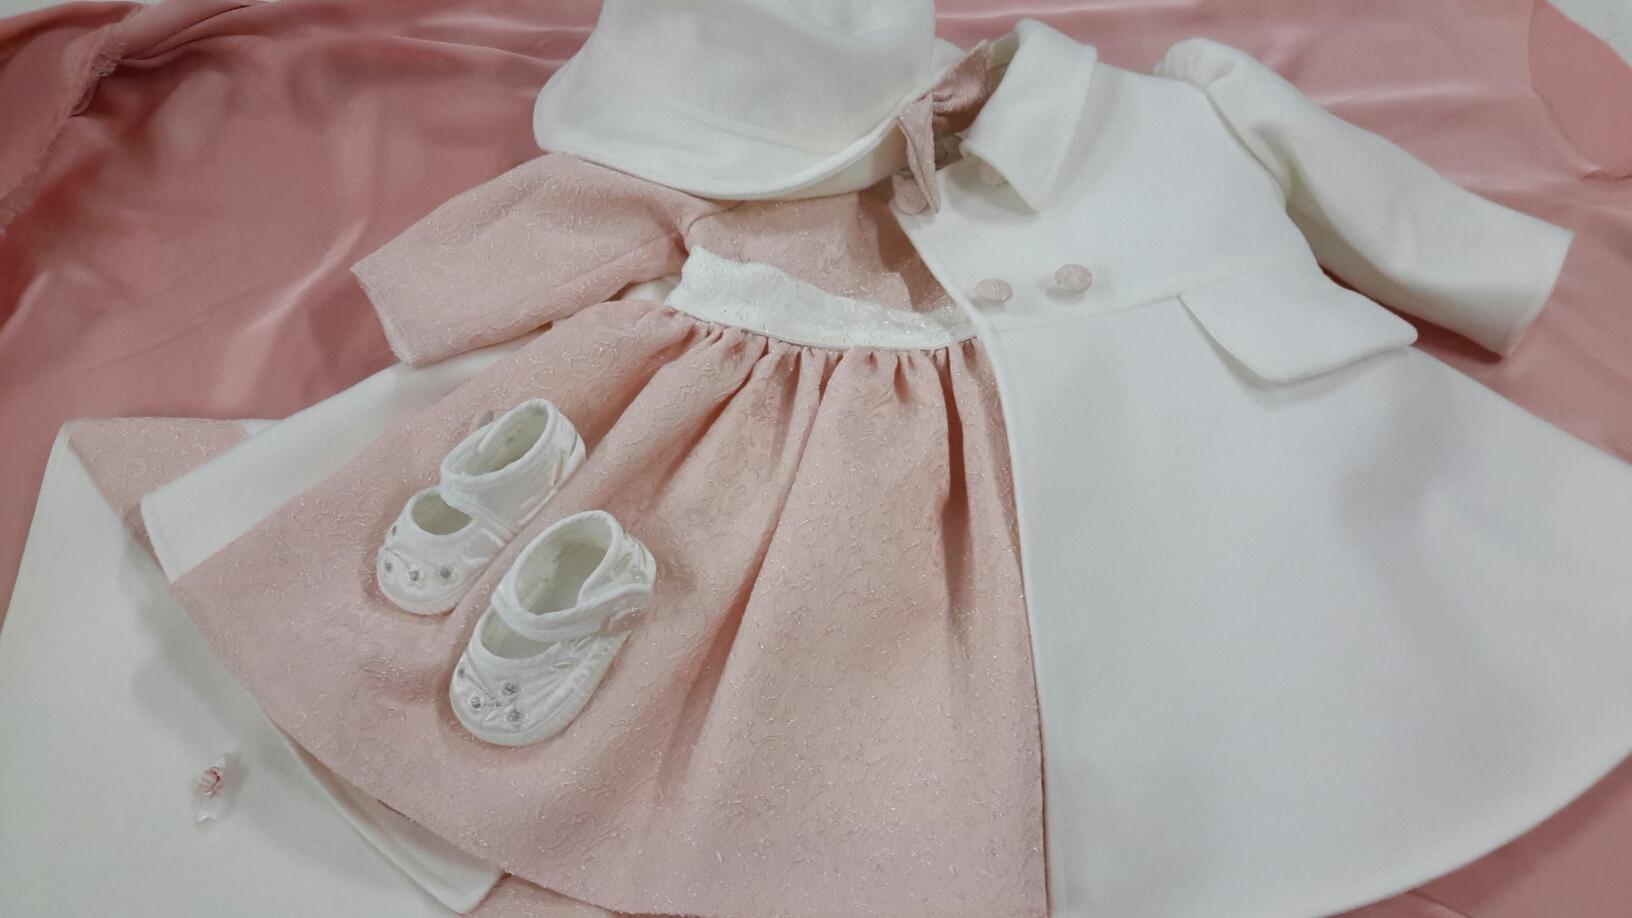 Pardesie Fete Hainute Botez Imbracaminte Copii Clothes For Children